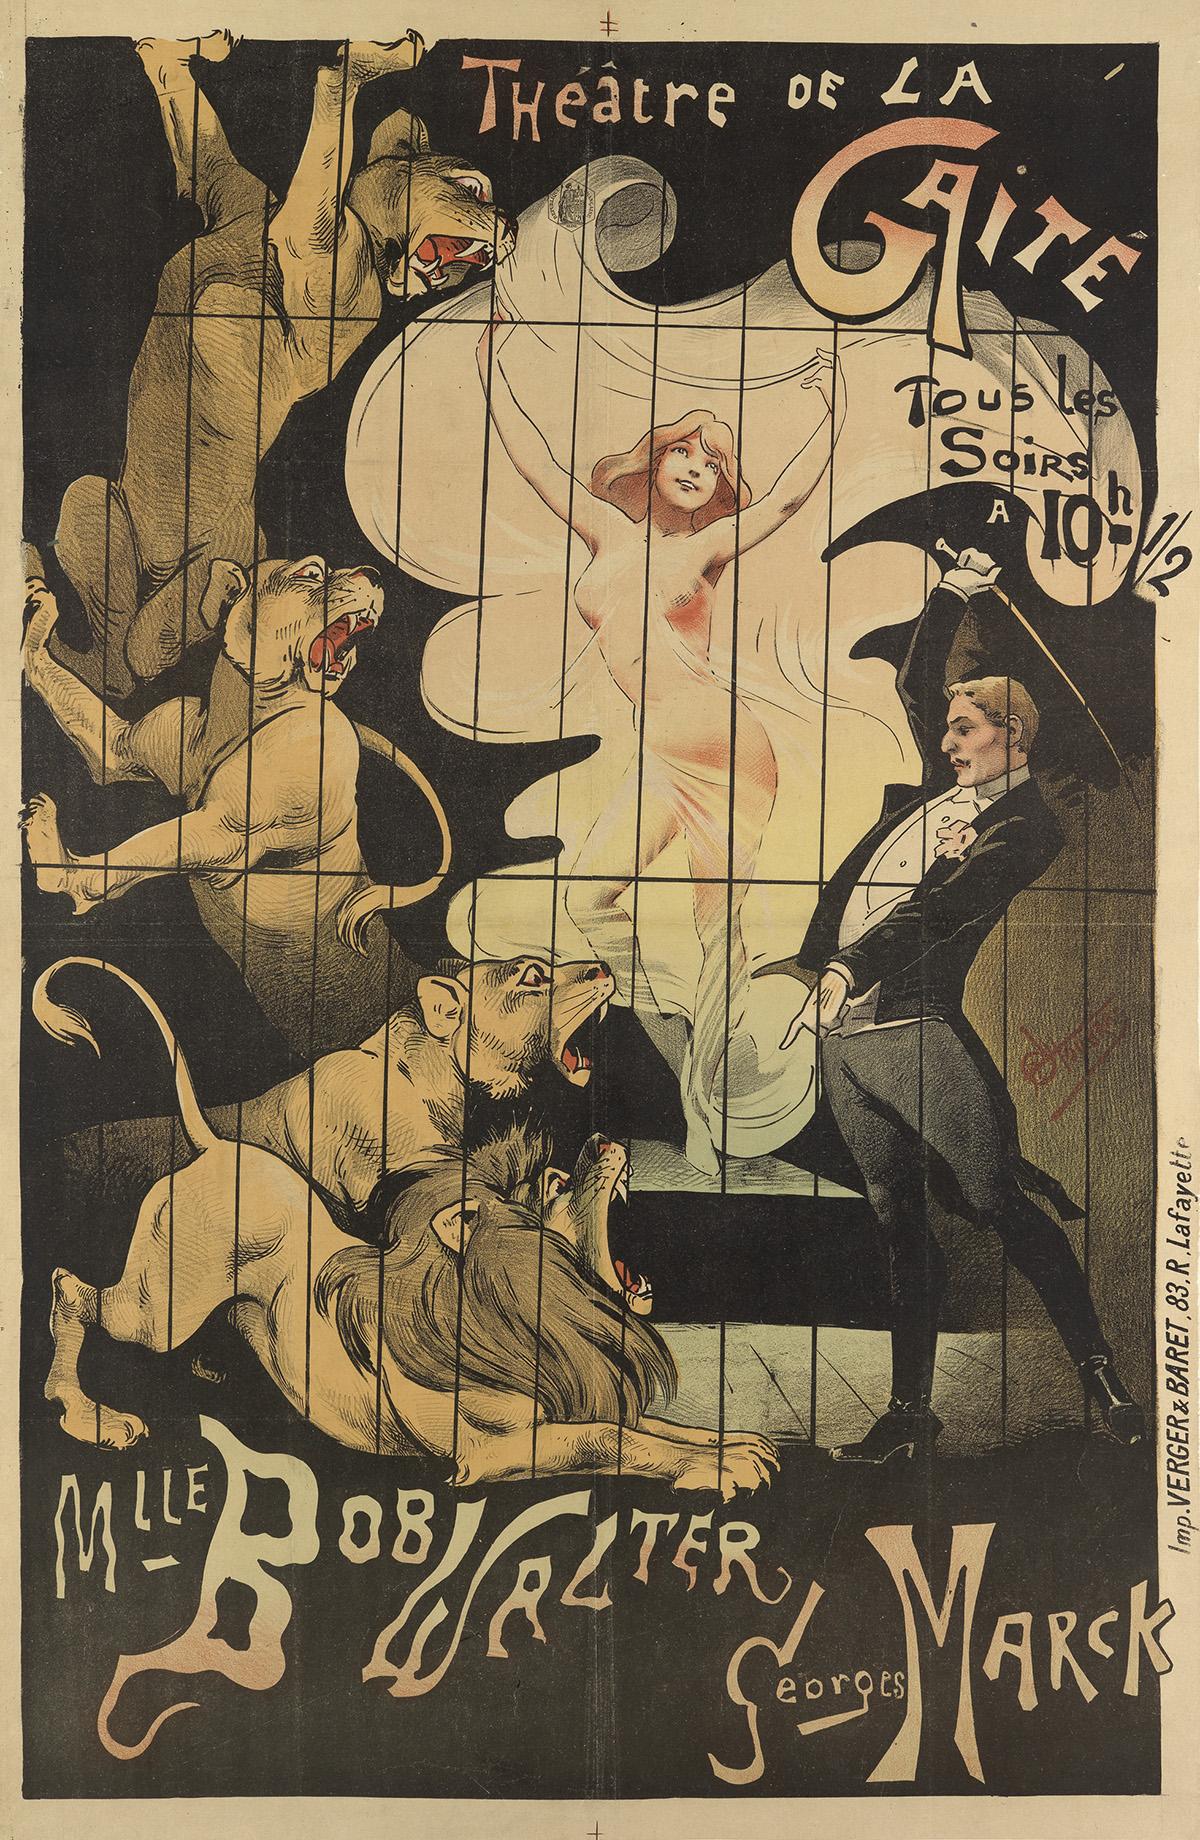 ALFRED CHOUBRAC (1853-1902). THÉÂTRE DE LA GAITÉ. 1895. 45x29 inches, 115x78 cm. Verger & Baret, Paris.